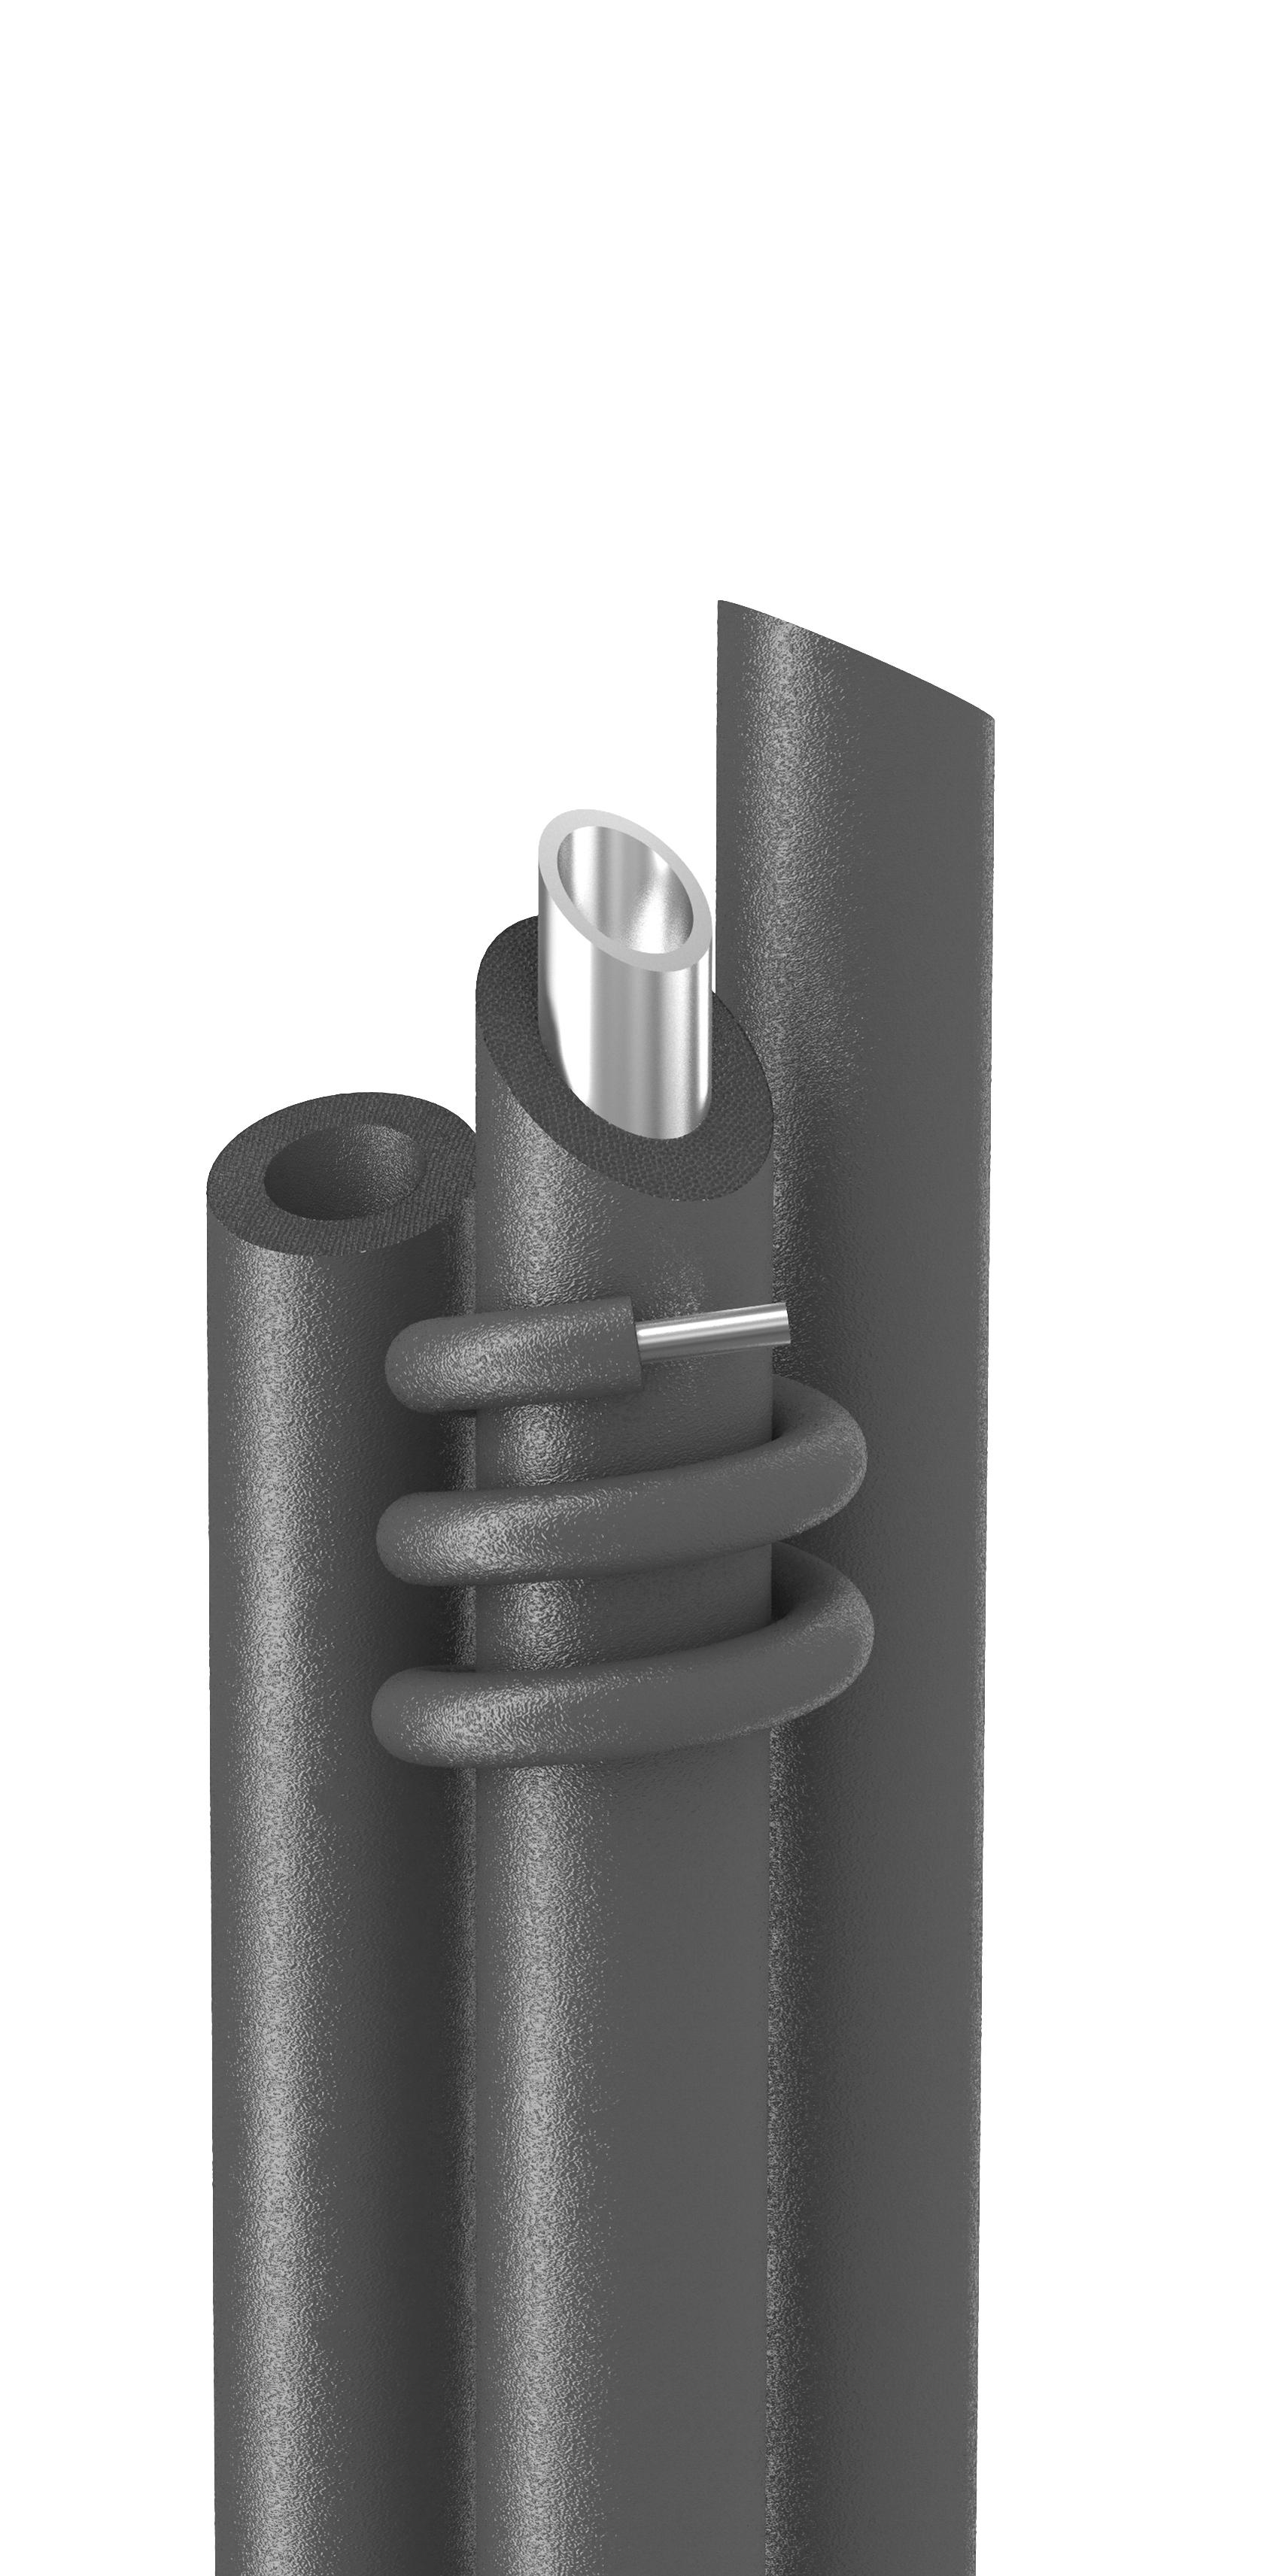 Трубки Energoflex толщ.13мм диам.54